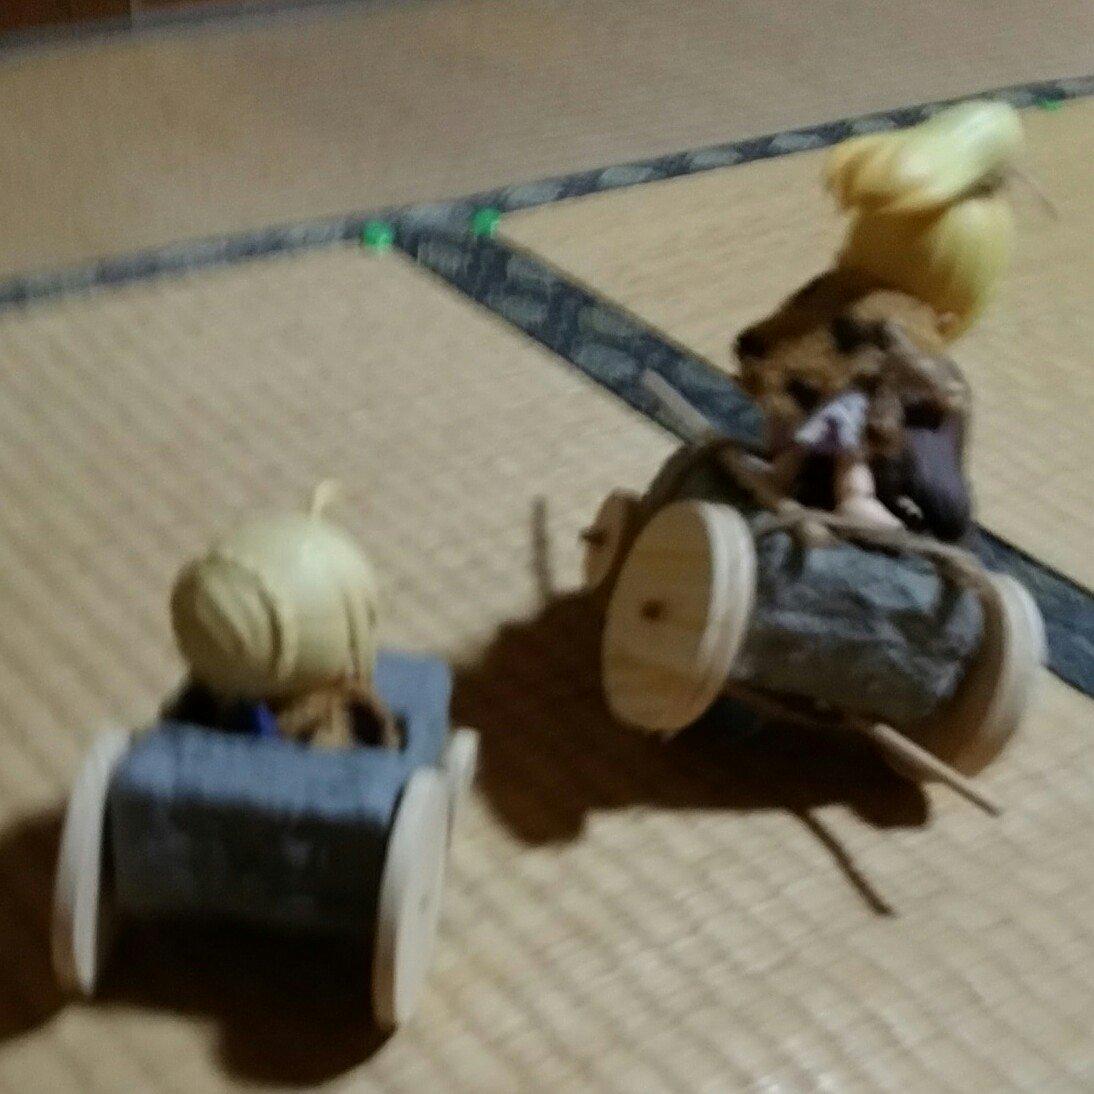 石車事故,かわいいキューポッシュ原始人,ドール用小物人形おもちゃ